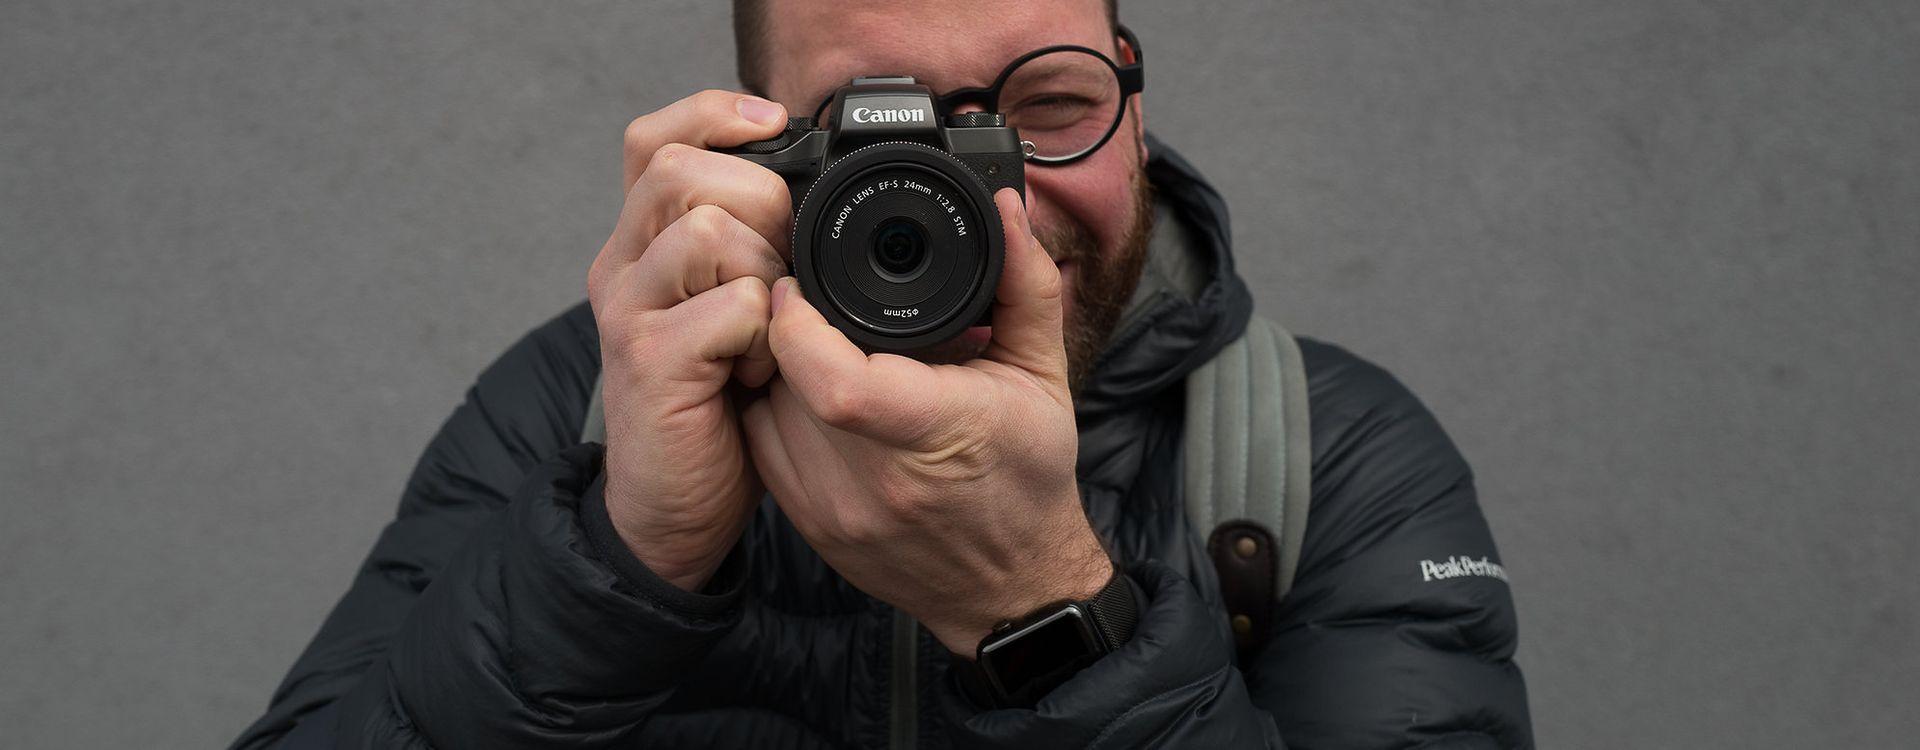 Jednym z dobrych aparatów dla osób początkujących będzie bezlusterkowiec Canon EOS M5.